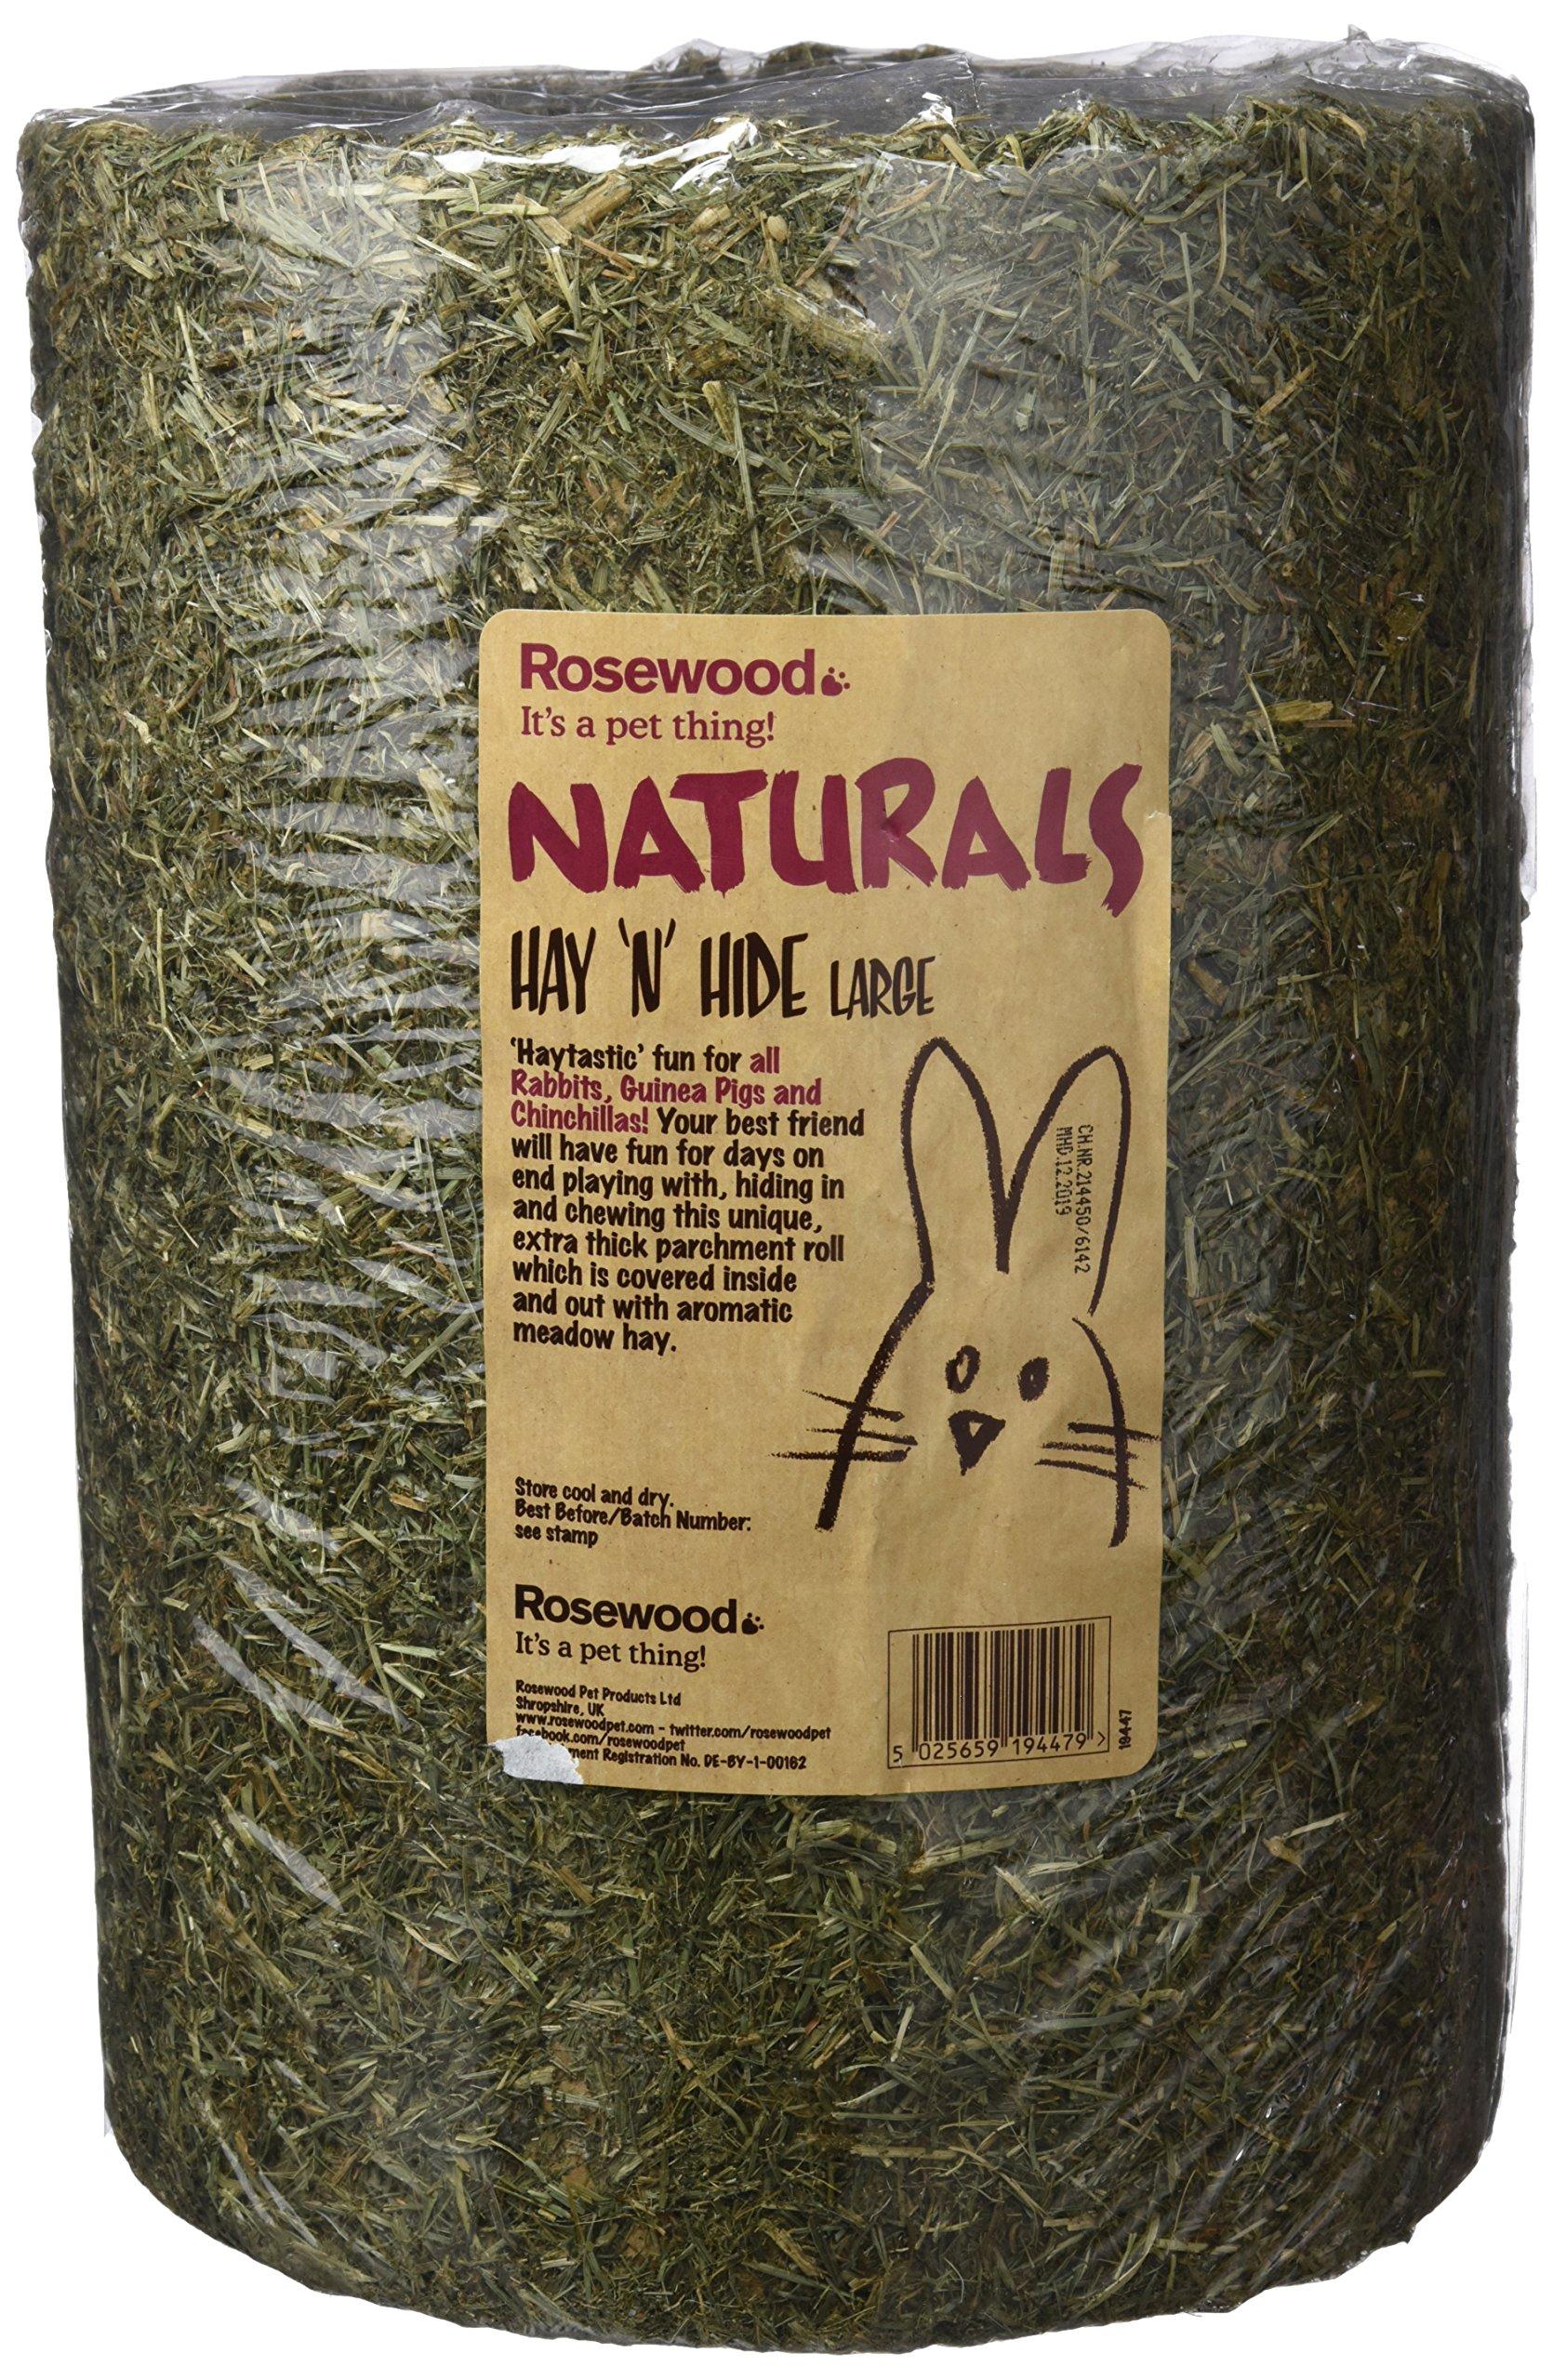 Naturals Hay 'n' Hide Lge